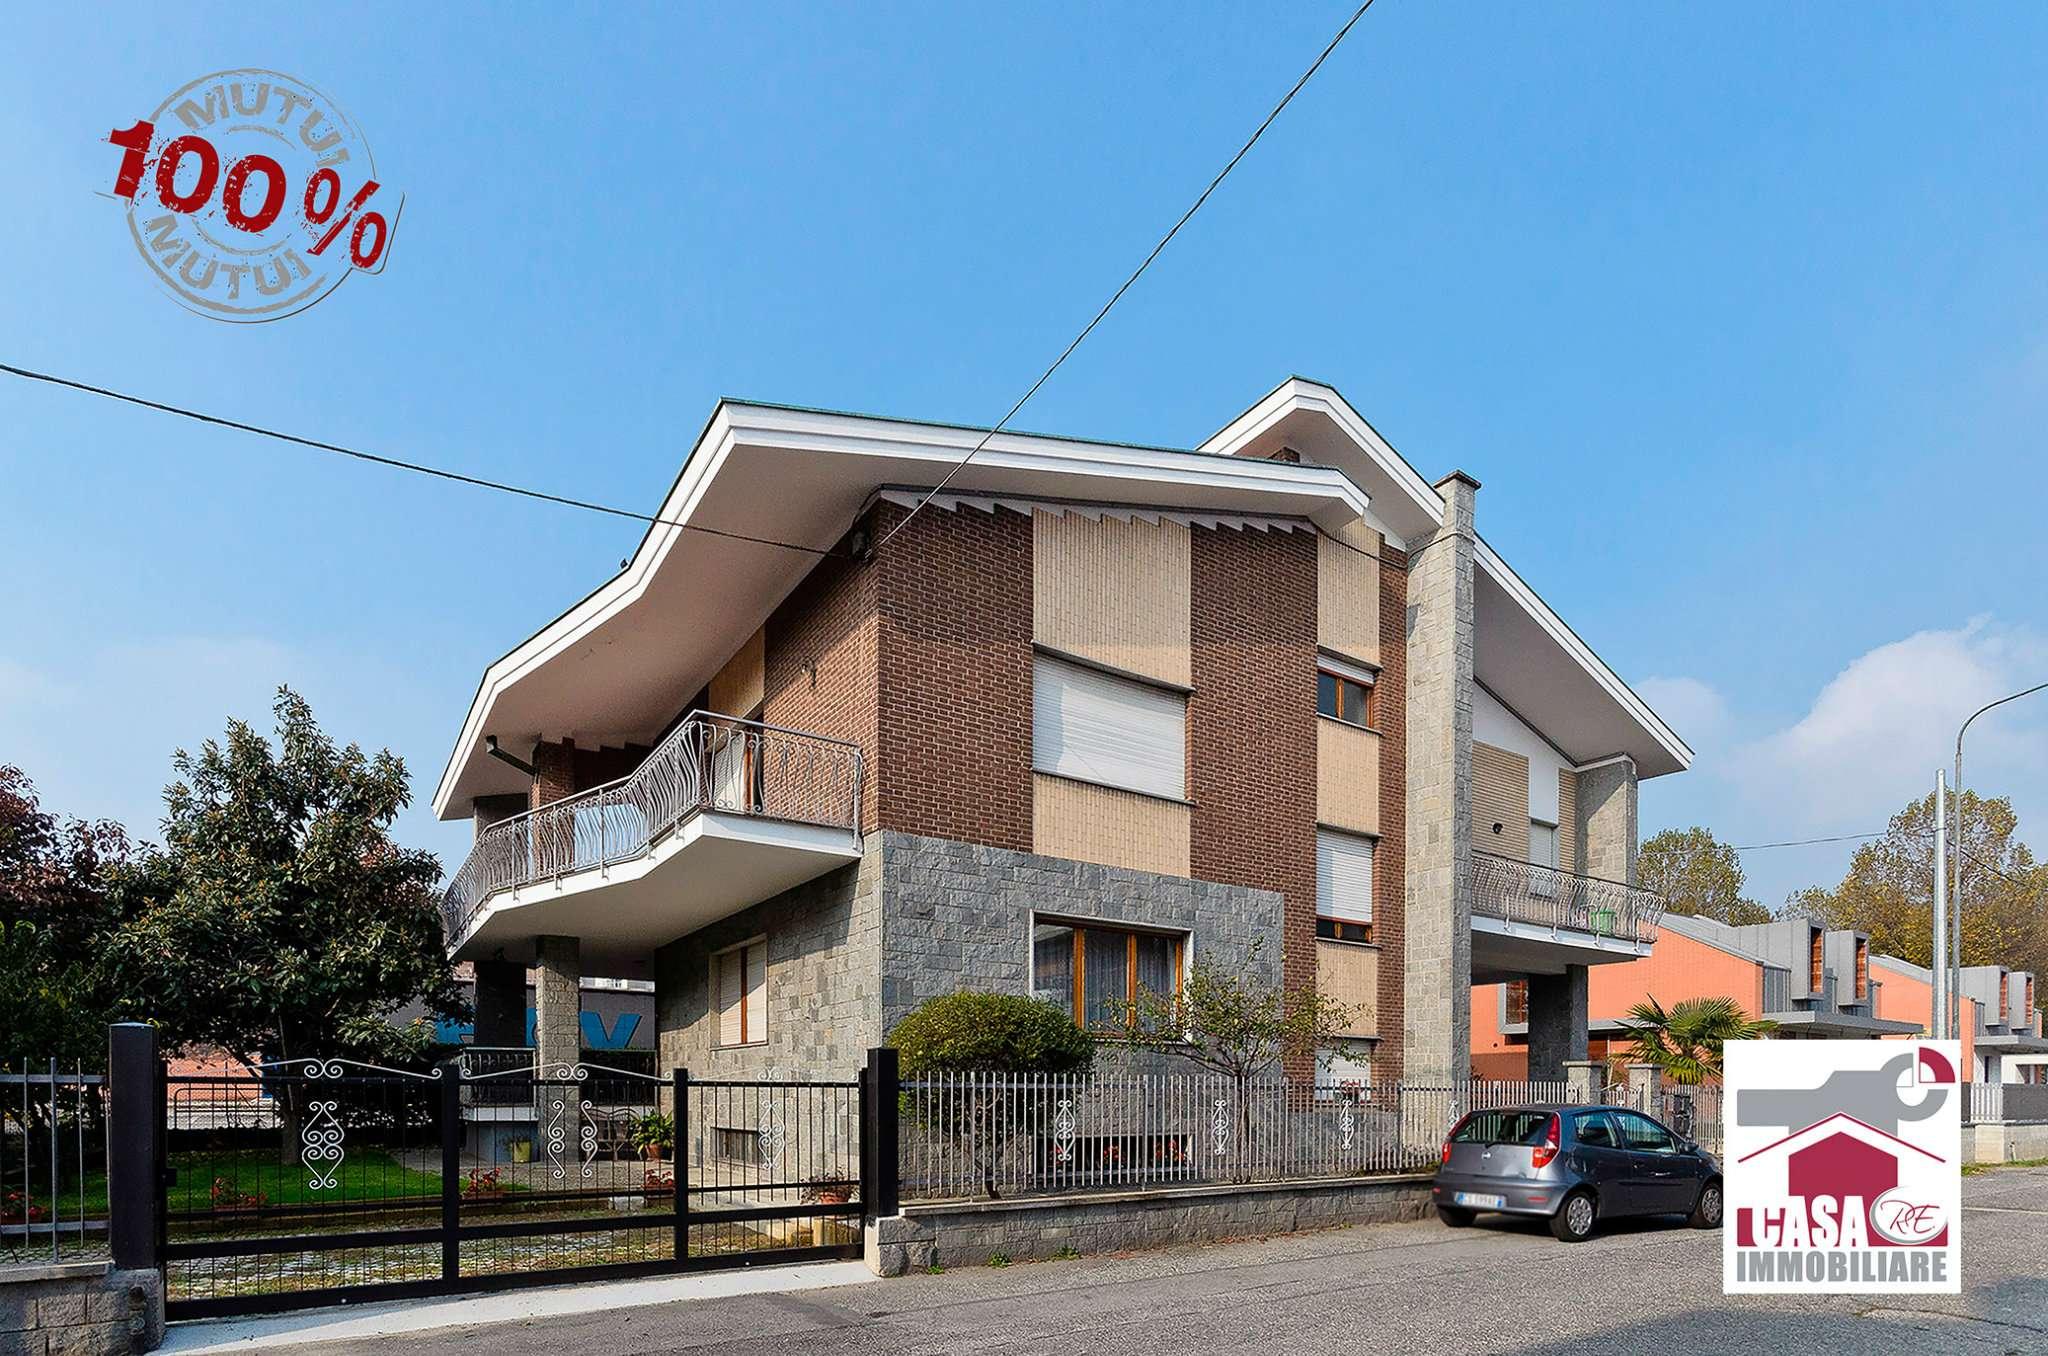 Appartamento in vendita a Settimo Torinese, 4 locali, prezzo € 198.000   CambioCasa.it